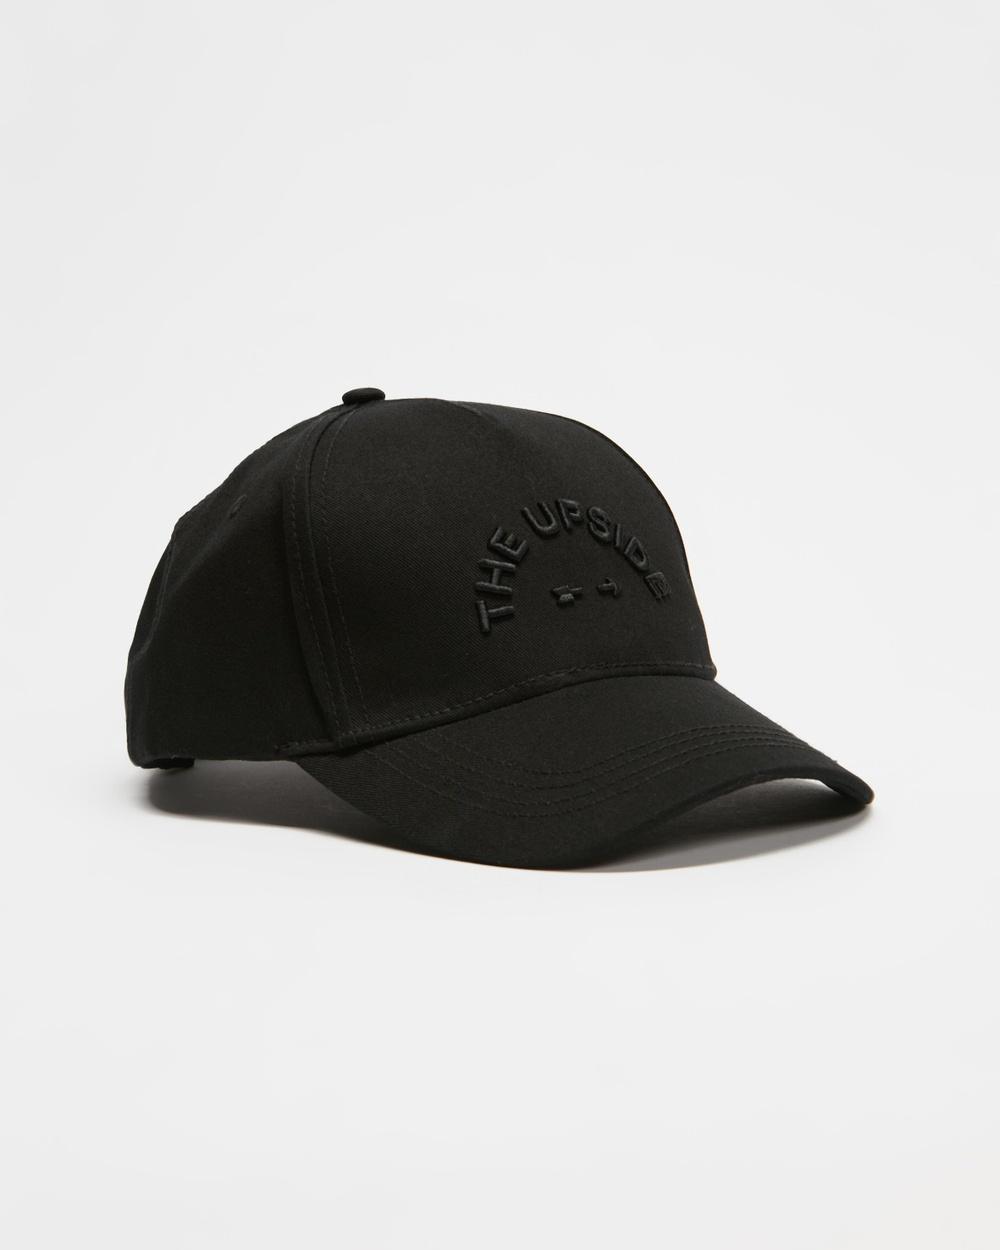 The Upside Logo Cap Headwear Black Caps Australia